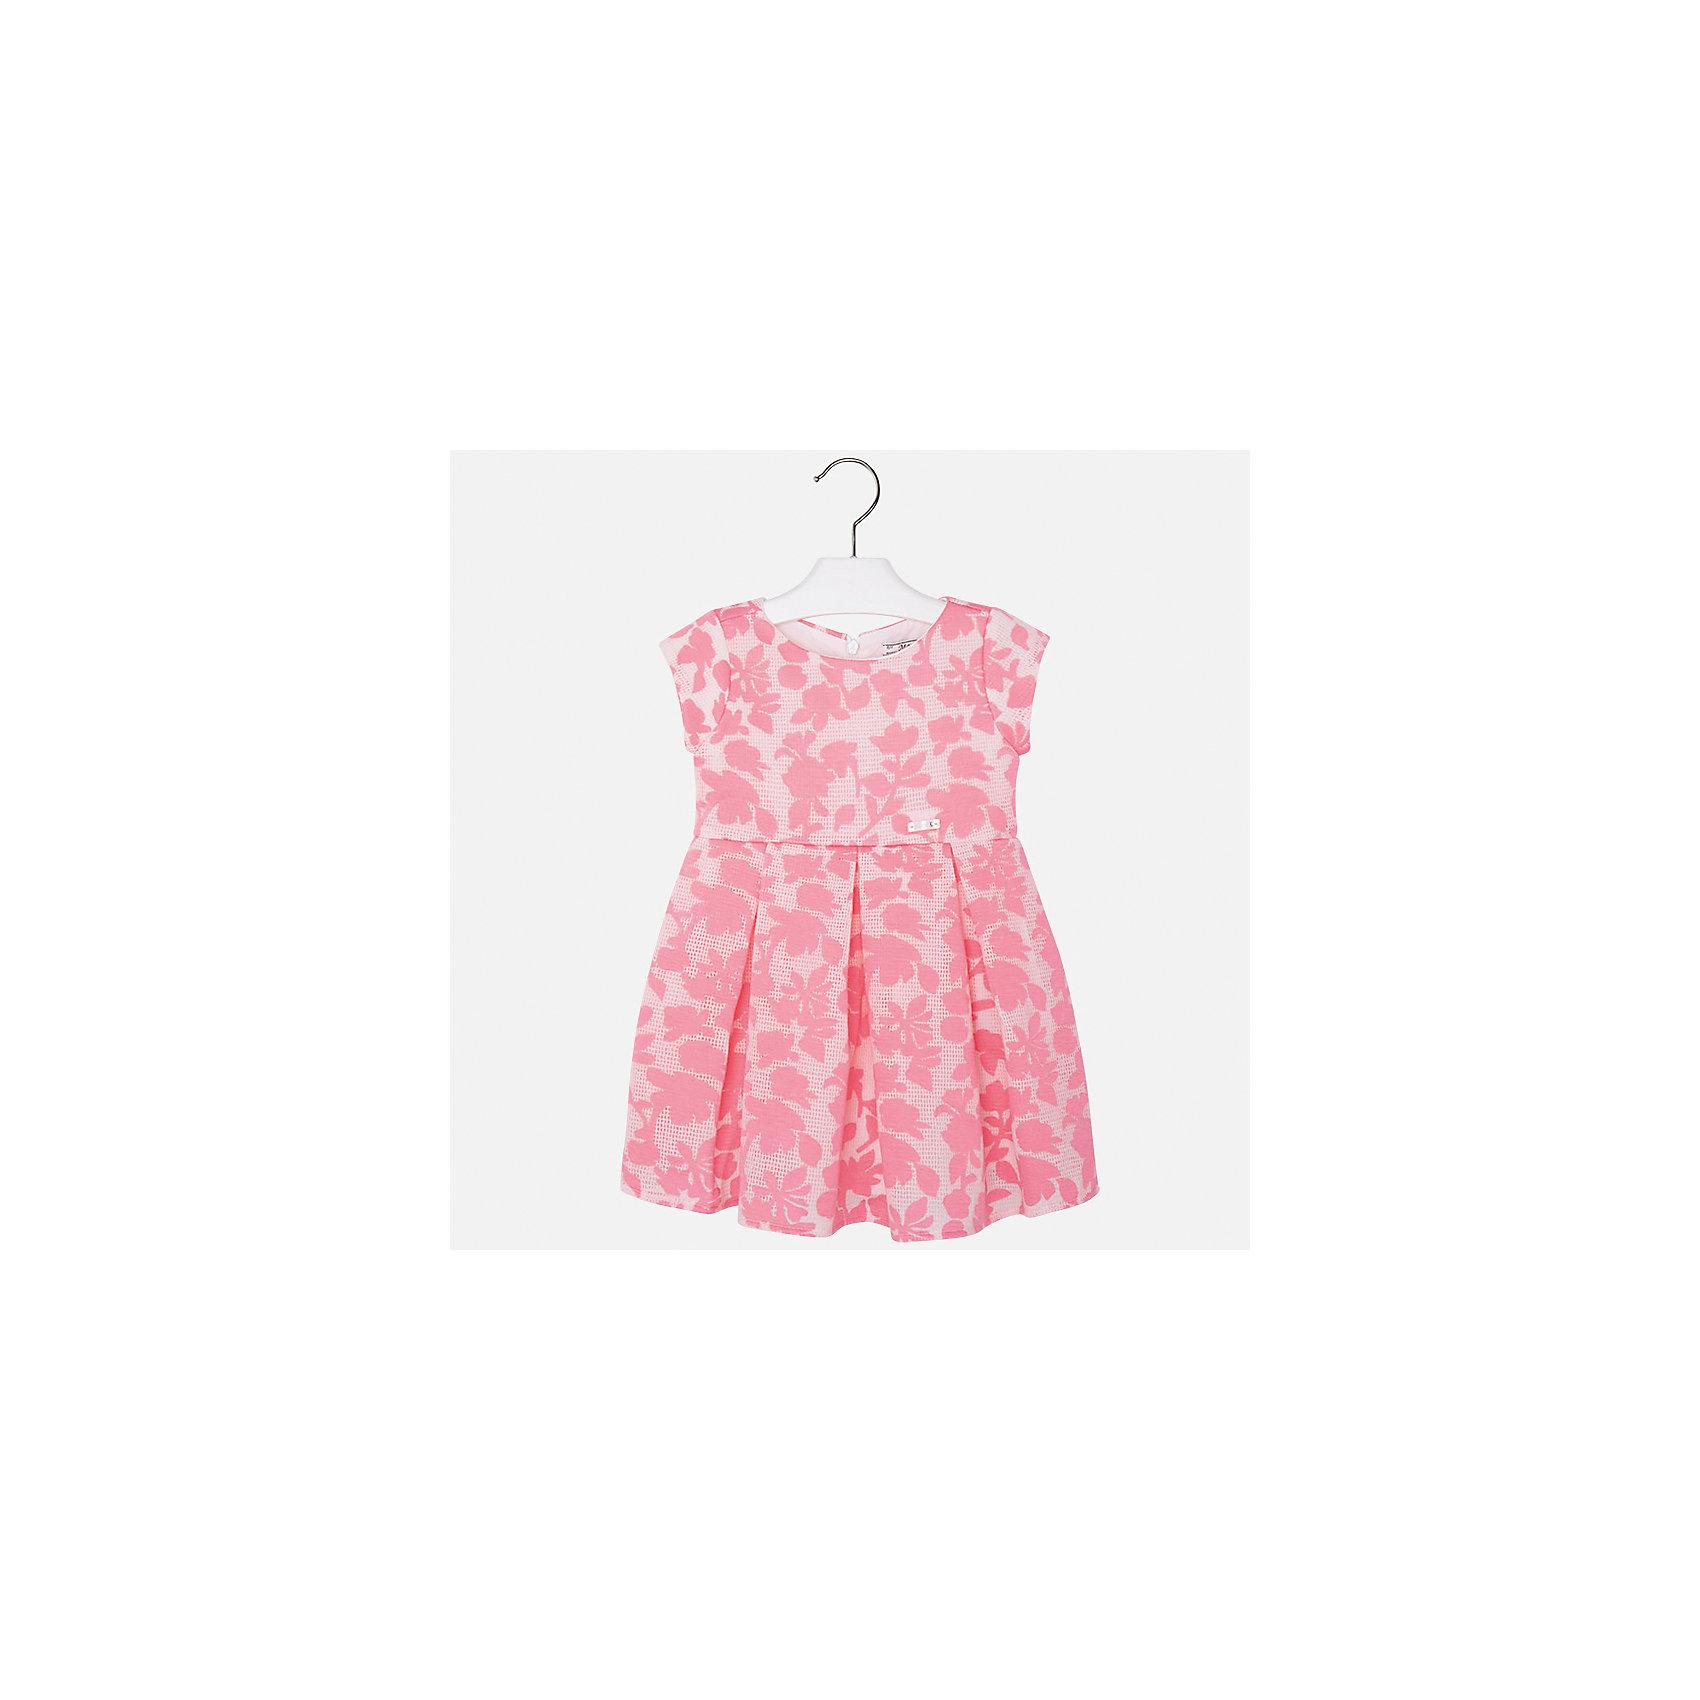 Платье для девочки MayoralХарактеристики товара:<br><br>• цвет: розовый<br>• состав: 64% полиэстер, 36% вискоза, подкладка - 80% полиэстер, 20% хлопок<br>• застежка: молния<br>• легкий материал<br>• набивной рисунок<br>• короткие рукава<br>• с подкладкой<br>• страна бренда: Испания<br><br>Красивое легкое платье для девочки поможет разнообразить гардероб ребенка и создать эффектный наряд. Оно подойдет и для торжественных случаев, может быть и как ежедневный наряд. В составе материала подкладки - натуральный хлопок, гипоаллергенный, приятный на ощупь, дышащий. Платье хорошо сидит по фигуре.<br><br>Платье для девочки от испанского бренда Mayoral (Майорал) можно купить в нашем интернет-магазине.<br><br>Ширина мм: 236<br>Глубина мм: 16<br>Высота мм: 184<br>Вес г: 177<br>Цвет: оранжевый<br>Возраст от месяцев: 96<br>Возраст до месяцев: 108<br>Пол: Женский<br>Возраст: Детский<br>Размер: 134,98,104,110,116,122,128<br>SKU: 5290999